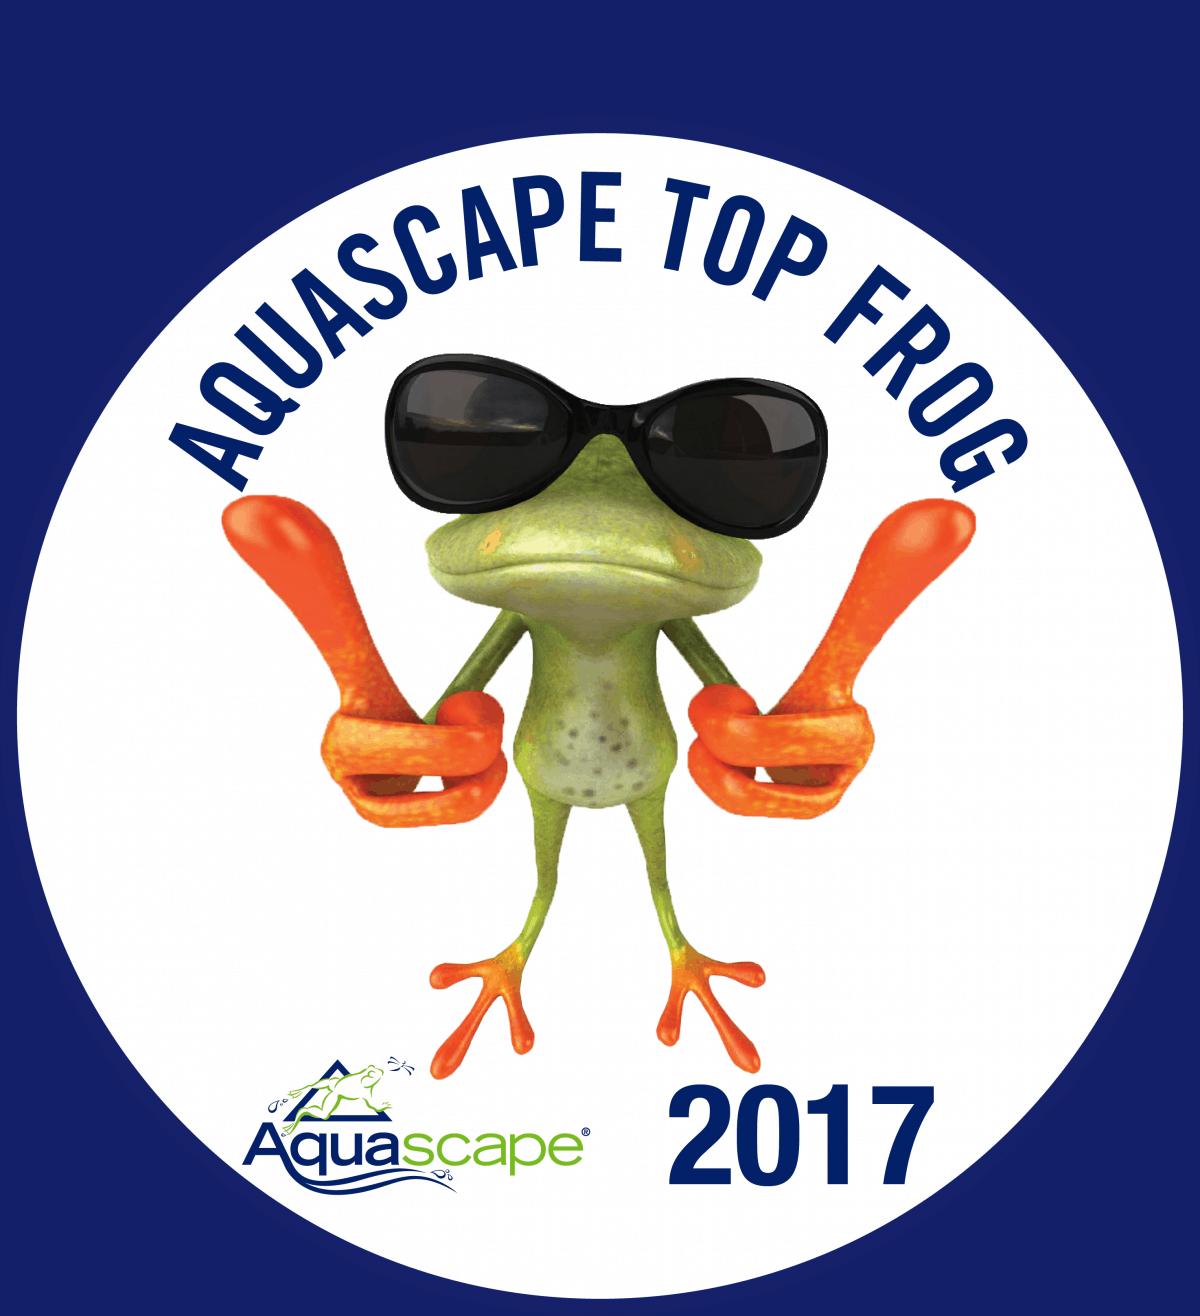 Top Frog